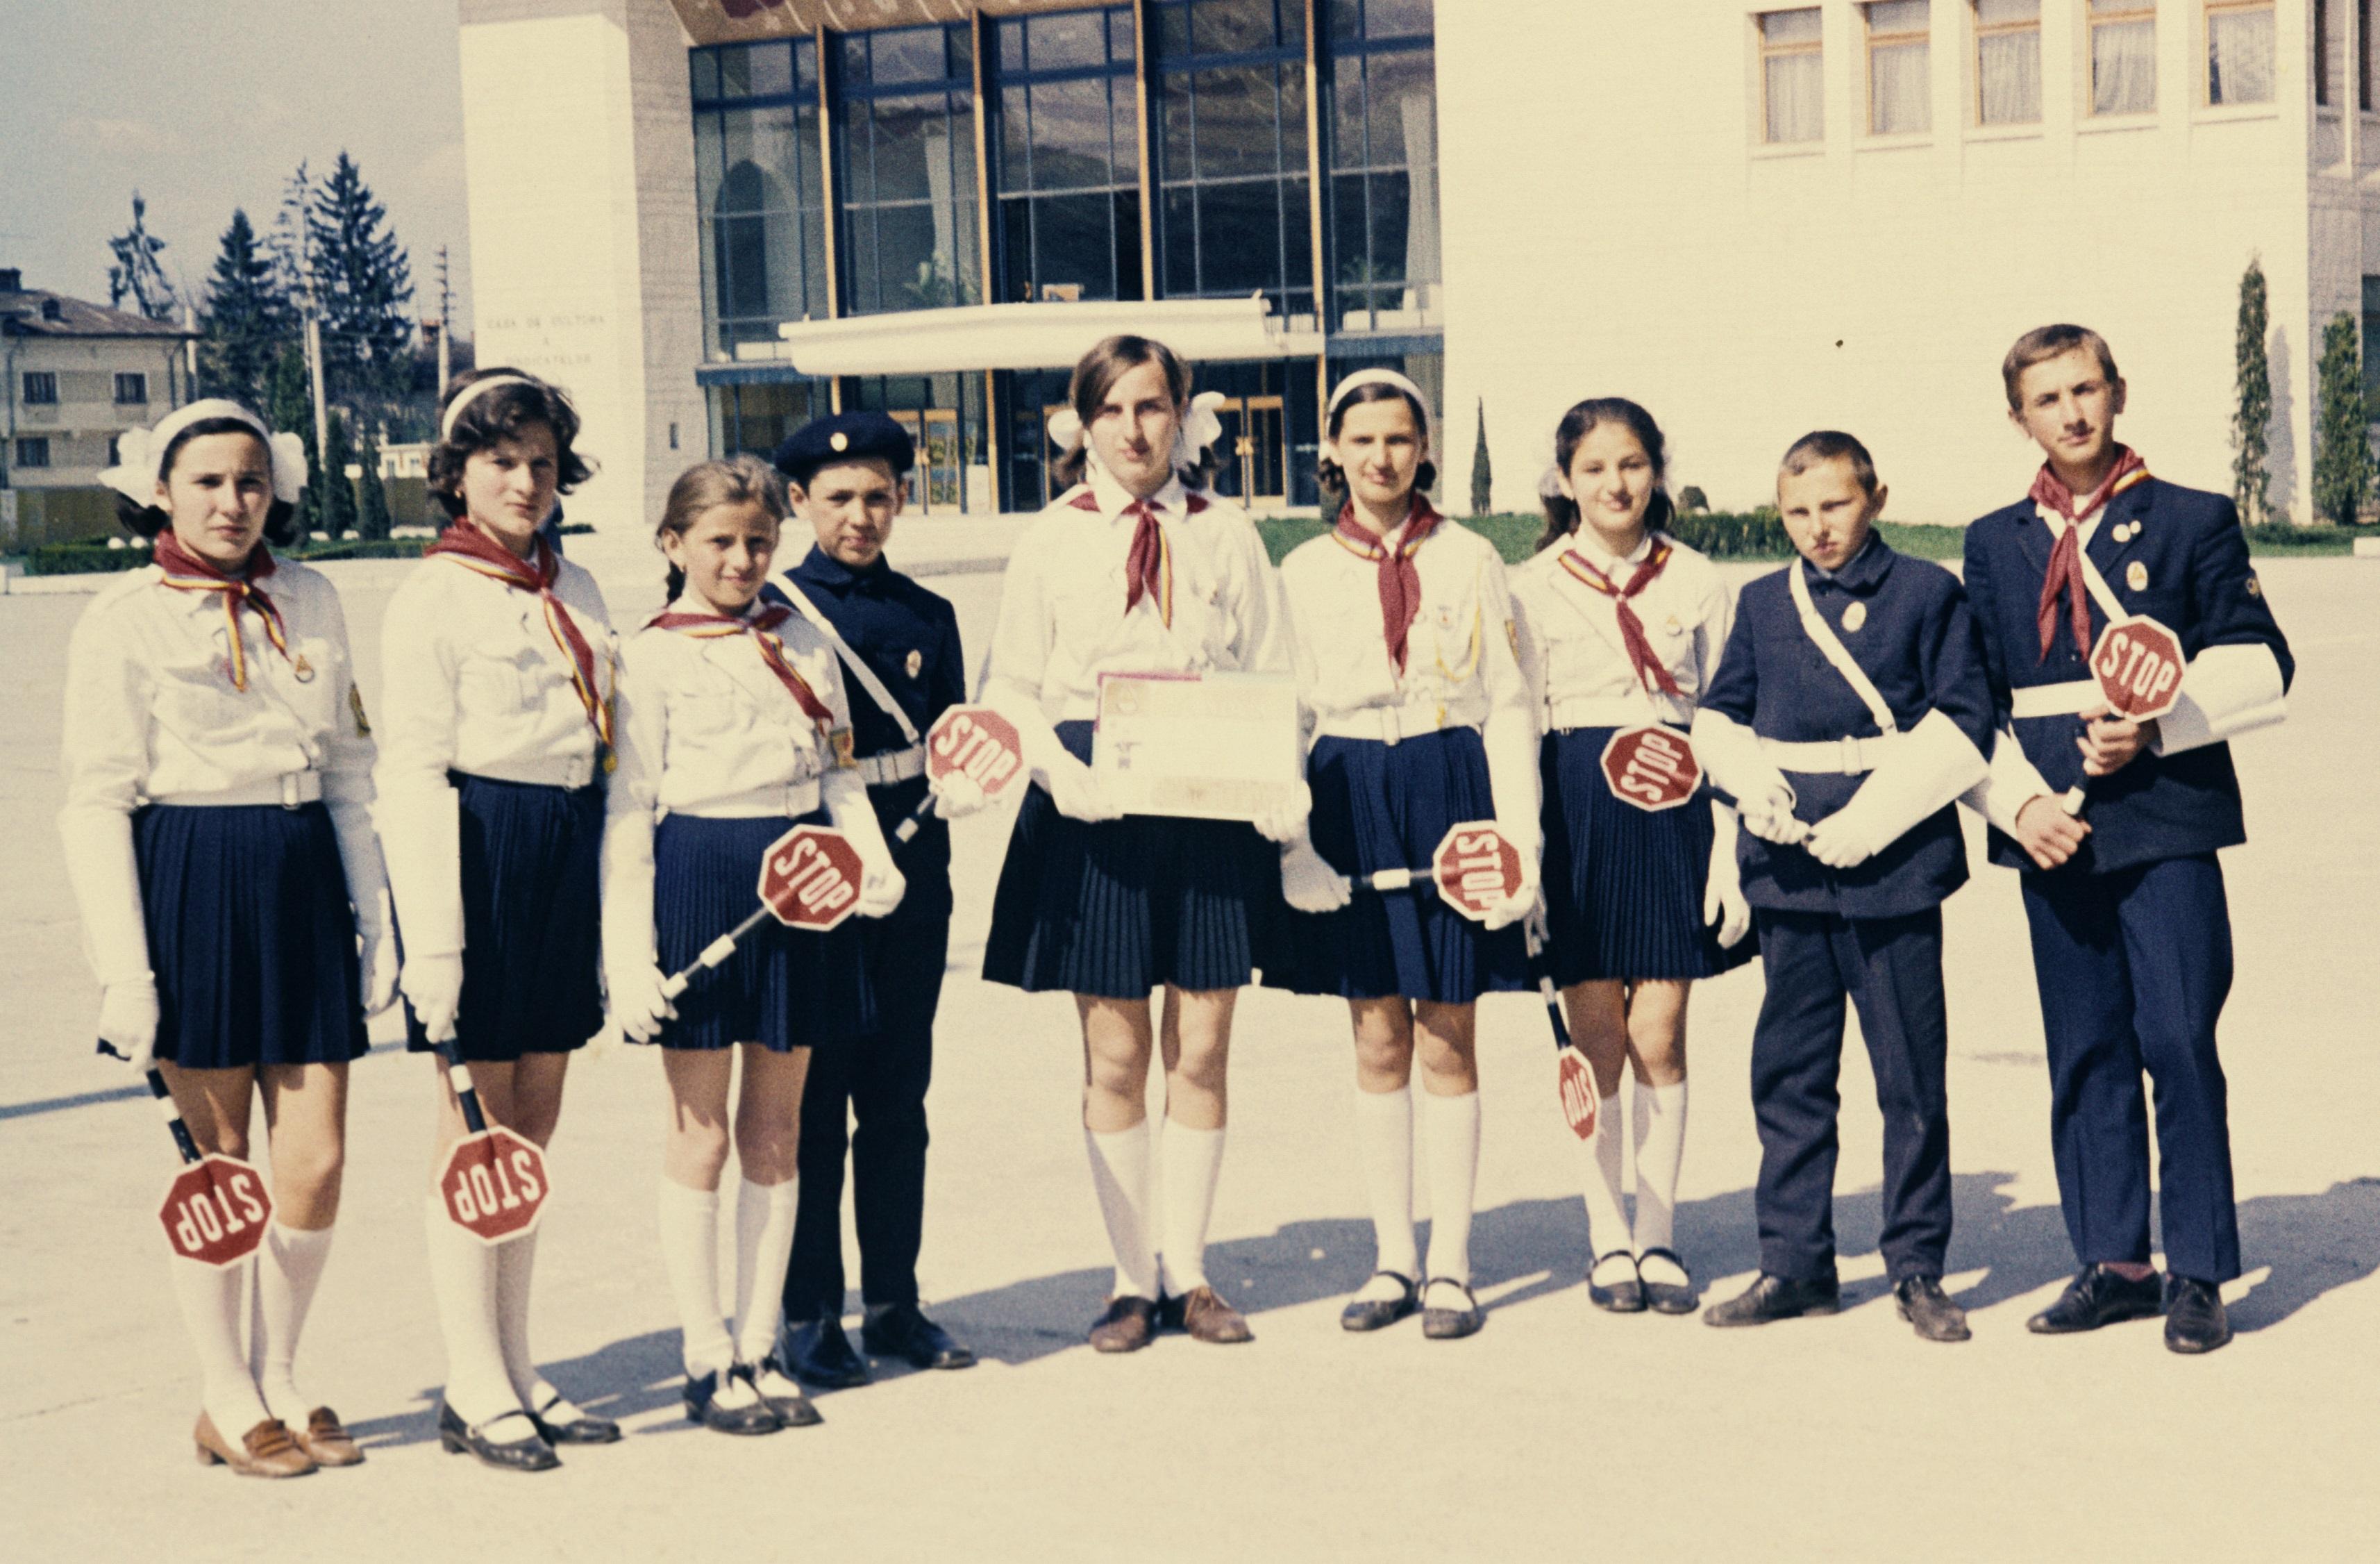 Patrula scolara de circulatie Costesti, anul 1973